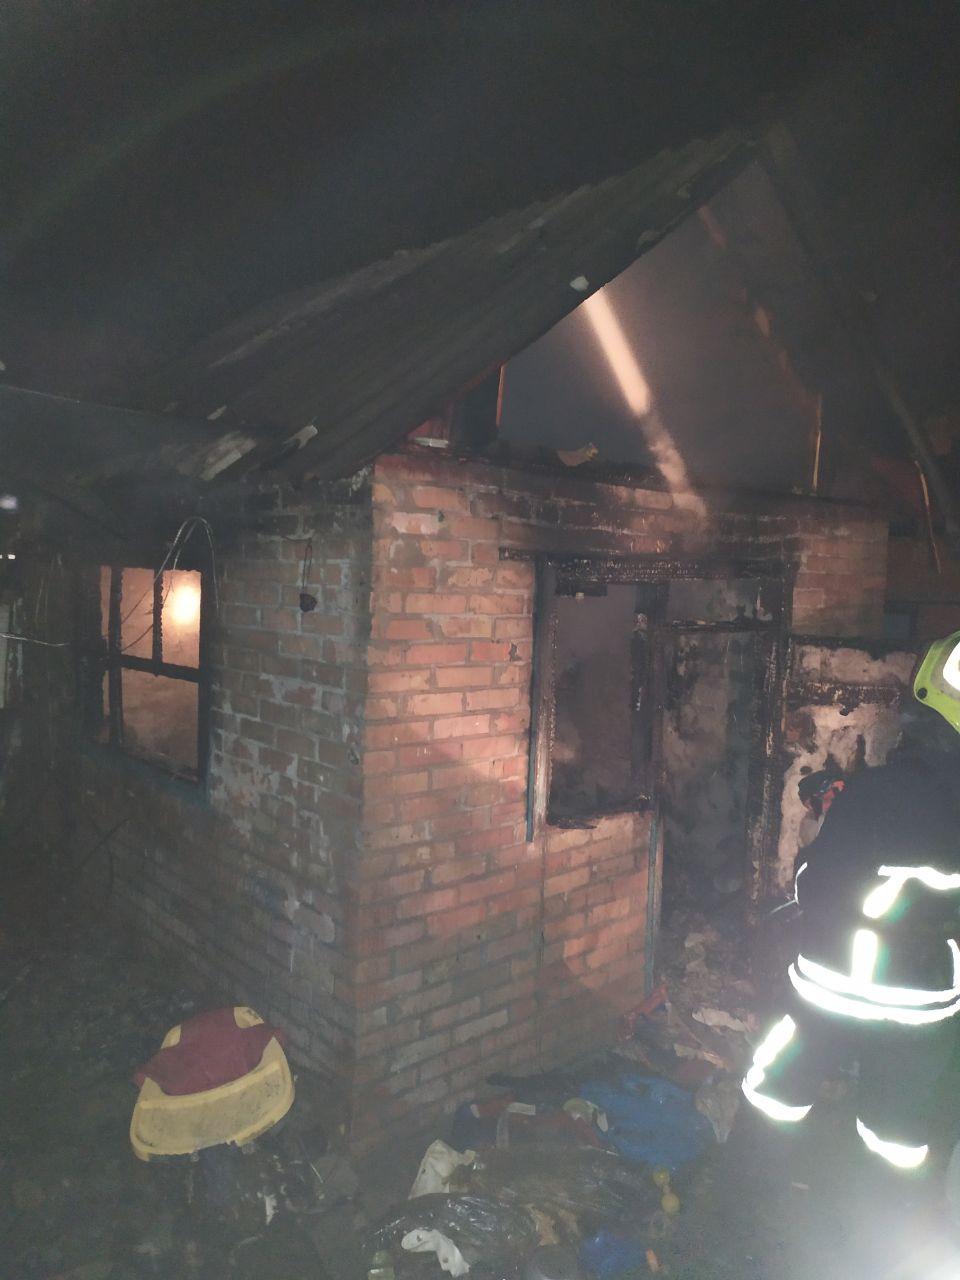 В Запорожской области сгорел дом, есть пострадавшие (Фото)